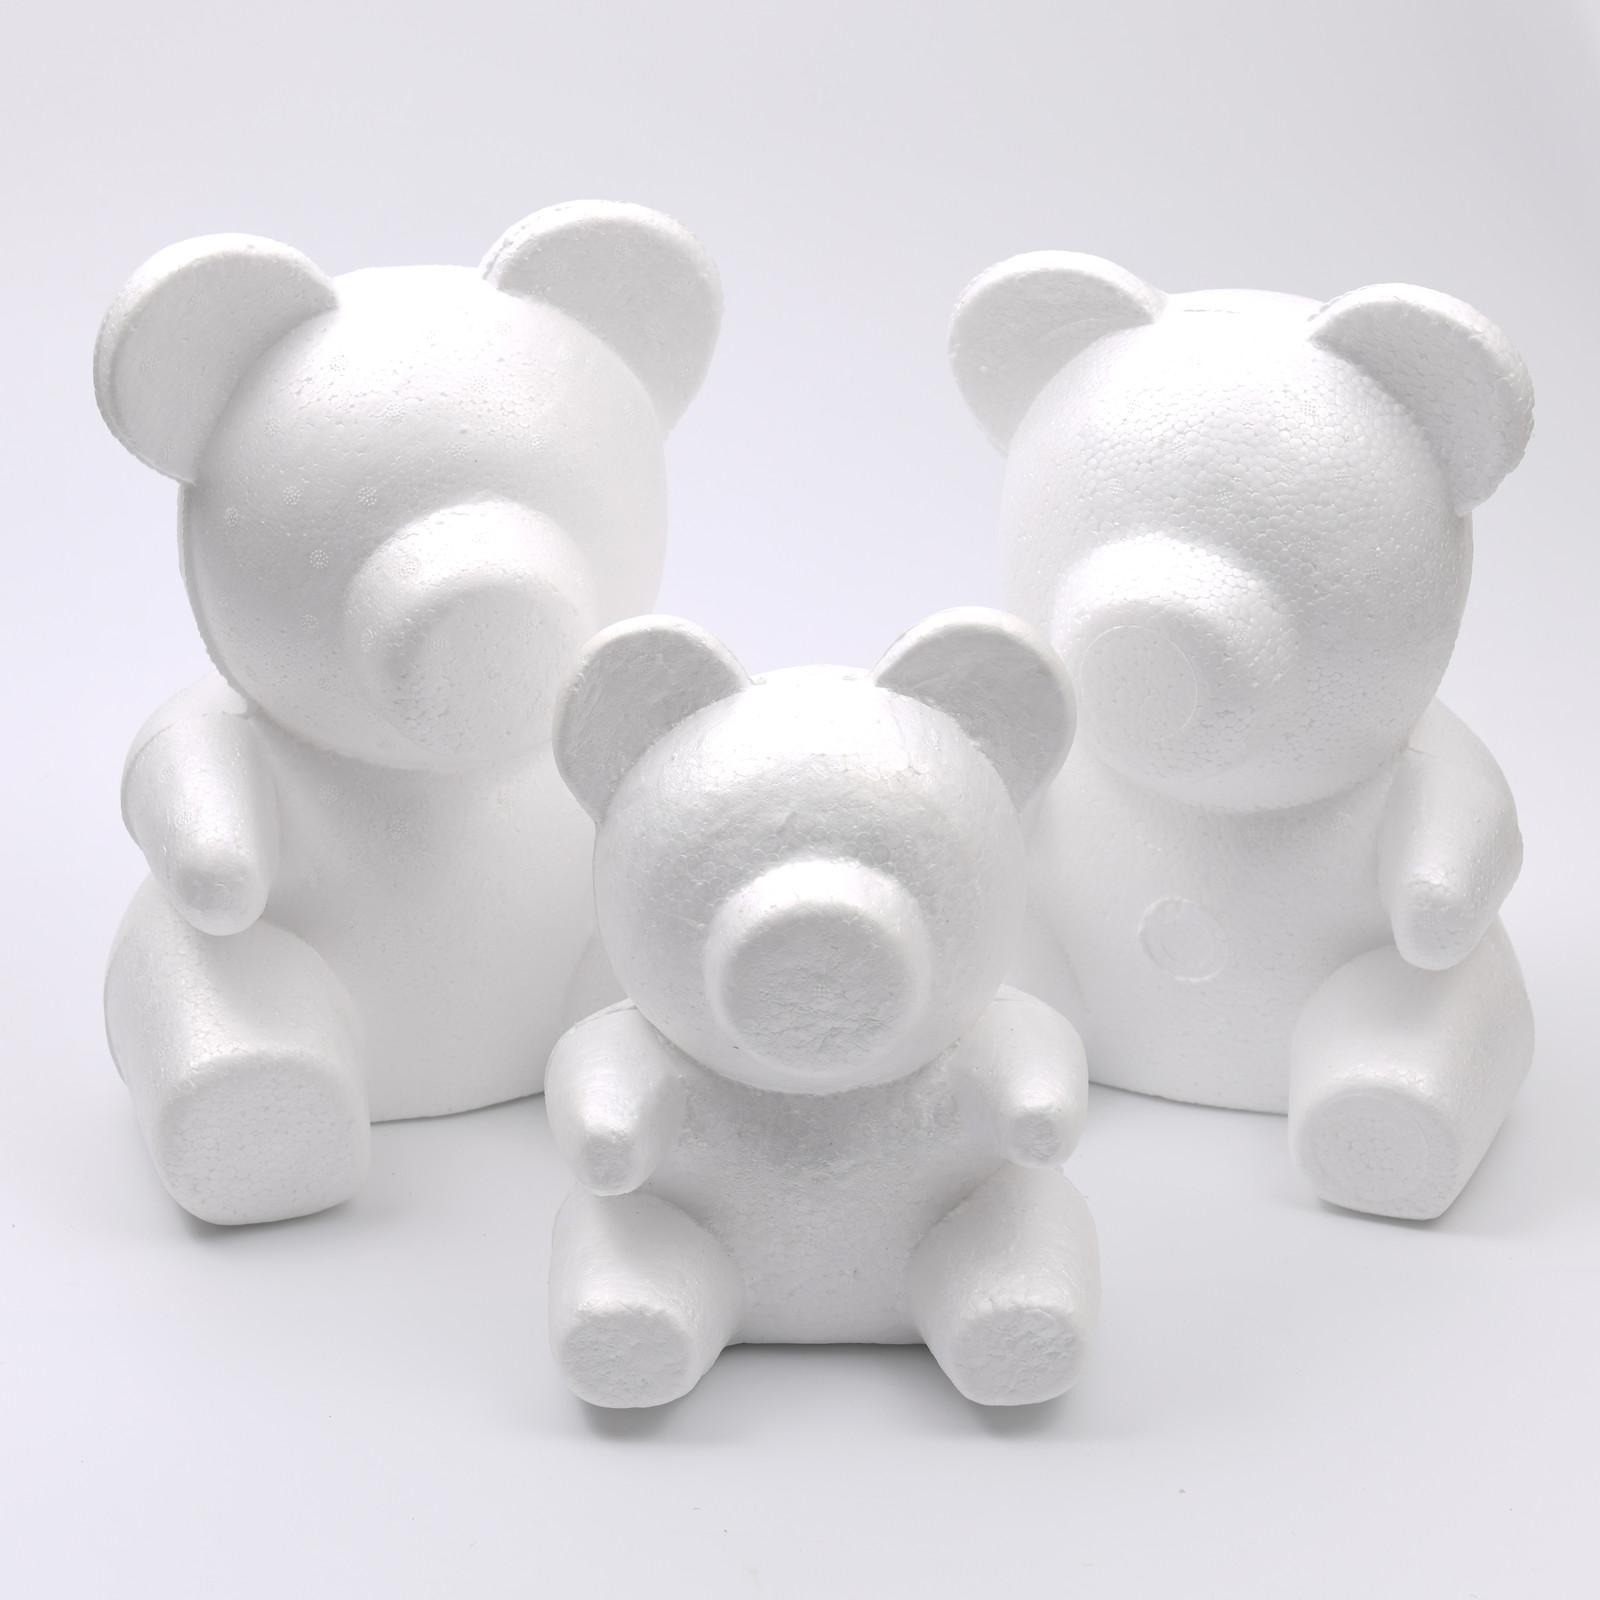 1 unids 15 cm-30 cm Varios tamaños Molde de oso de rosa DIY para regalo Poliestireno espuma de poliestireno espuma bola artificial rosa flores oso L0220